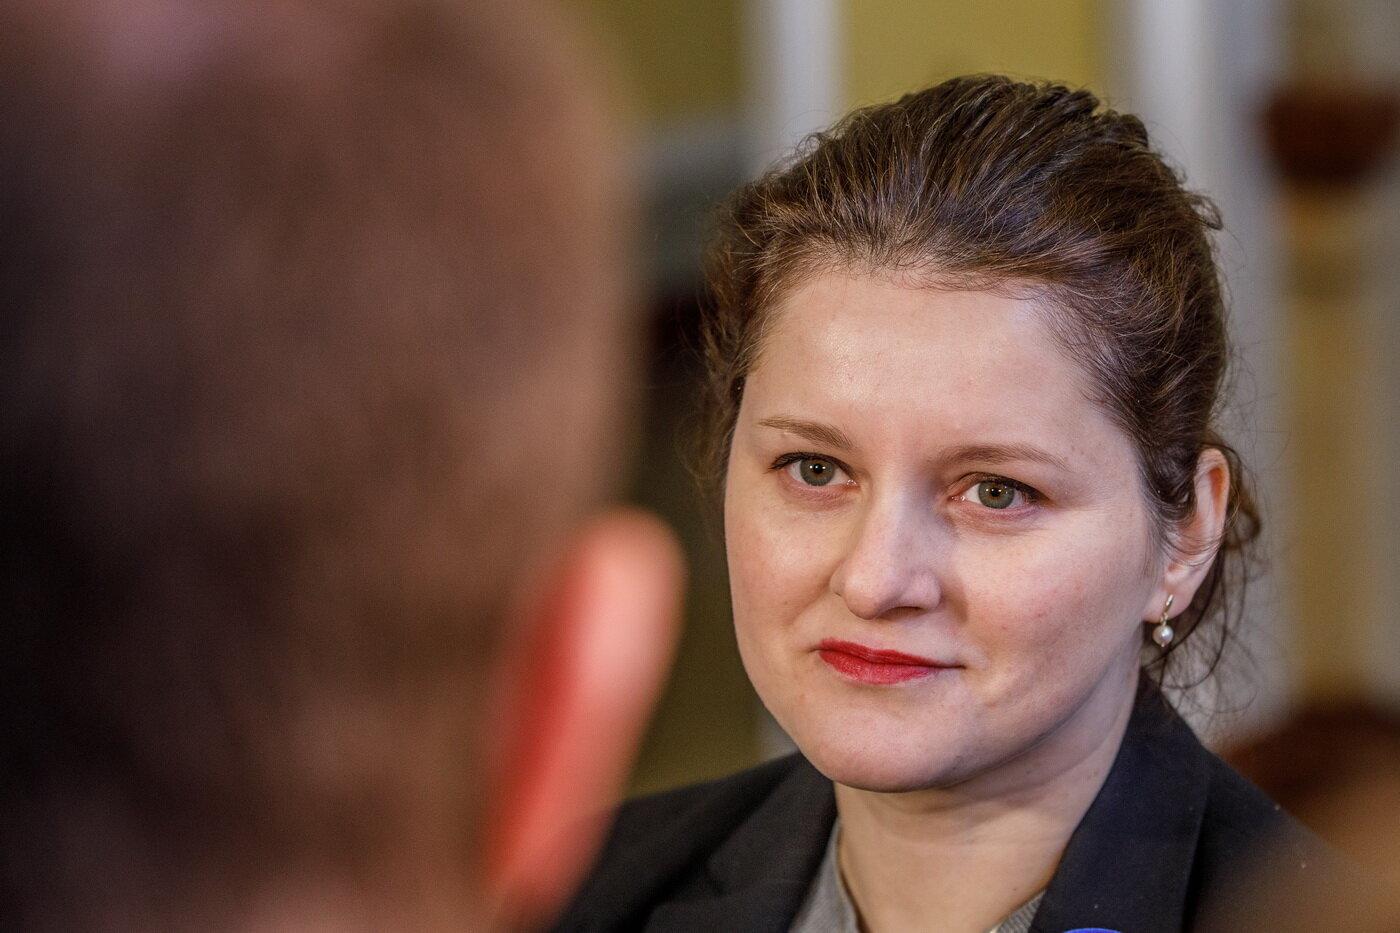 Podle premiéra Andreje Babiše (ANO) by bylo nejlepší, aby o navýšení minimální mzdy rozhodla až příští vláda po volbách. Tripartita se na částce dnes neshodla. Babiš to řekl na tiskové konferenci po jednání zástupců vlády, odborů a zaměstnavatelů. V Česku je přes pět milionů zaměstnanců. Za minimální mzdu podle podkladů ministerstva sociáních věcí pracuje asi 139.000 z nich. Minimální mzdu stanovuje kabinet v nařízení.